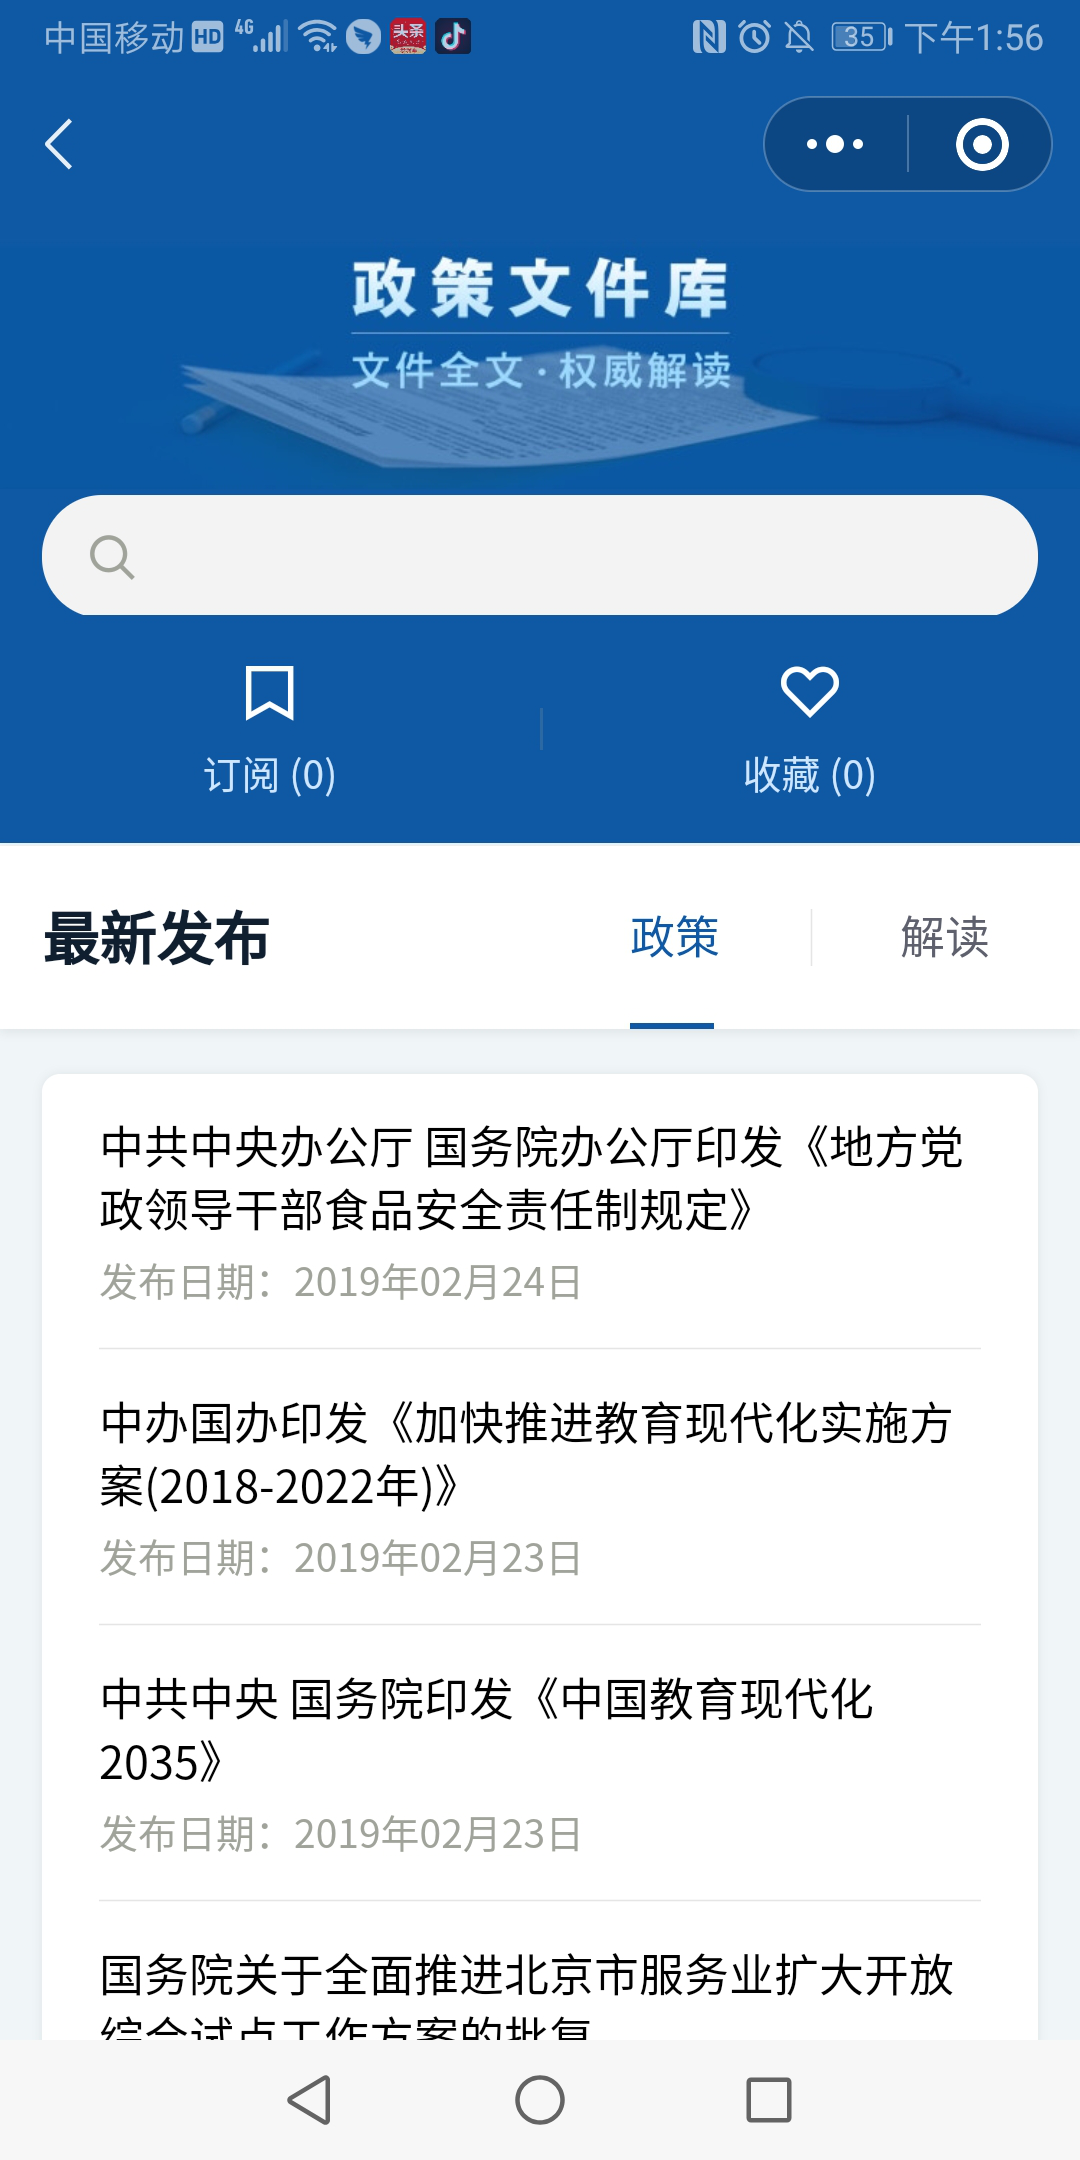 国务院客户端微信小程序政策文件库